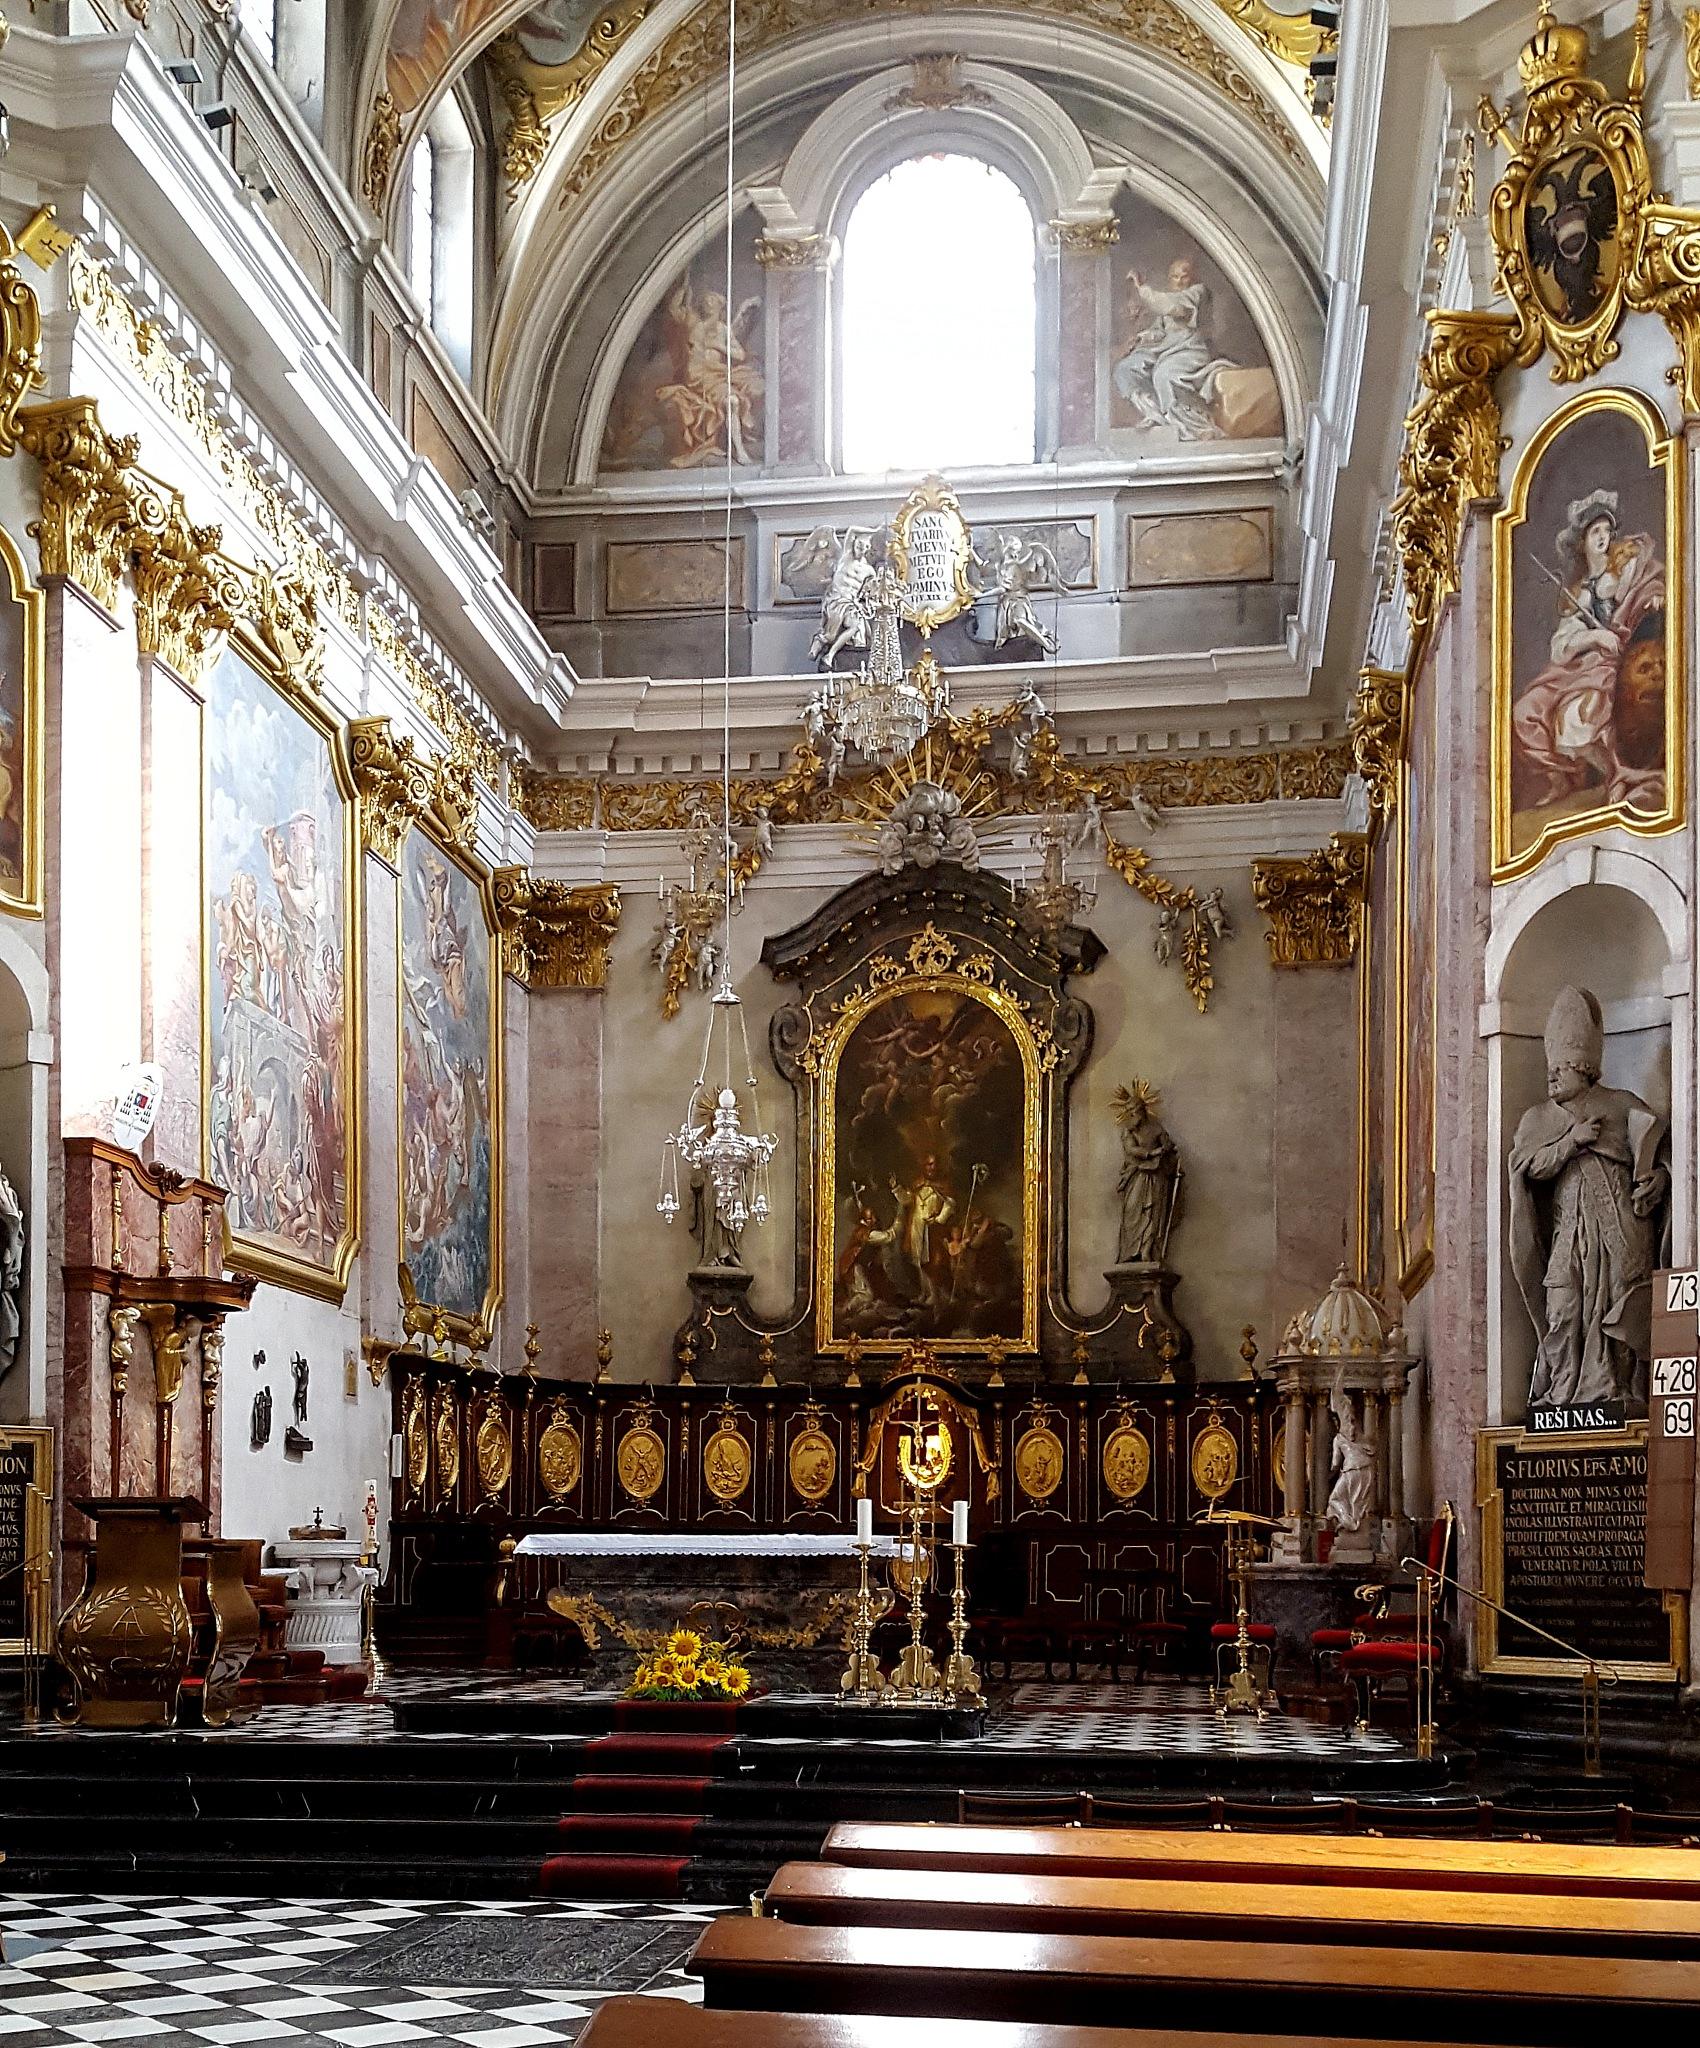 Stolna cerkev Sv. Nikolaja - Ljubljana by zvnktomasevic